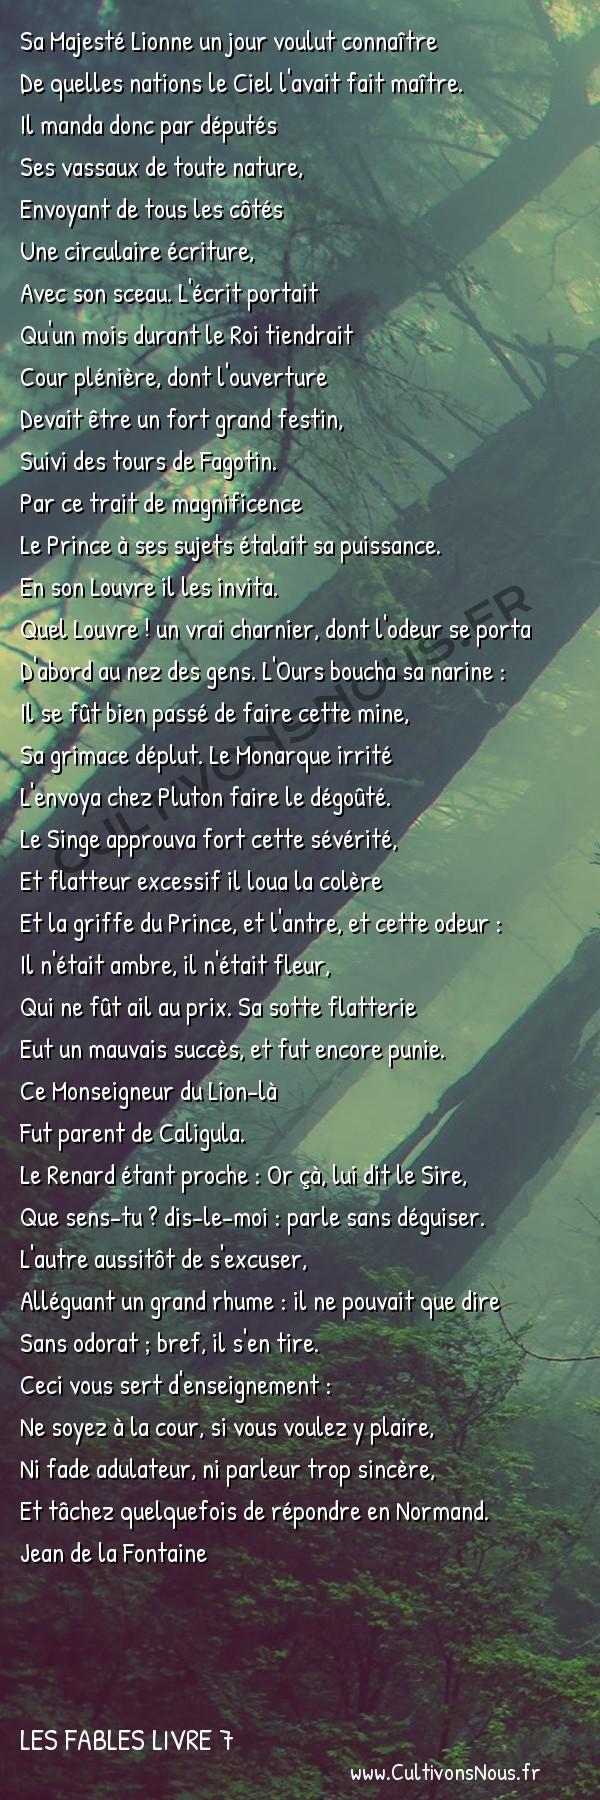 Fables Jean de la Fontaine - Les fables Livre 7 - La Cour du Lion -   Sa Majesté Lionne un jour voulut connaître De quelles nations le Ciel l'avait fait maître.